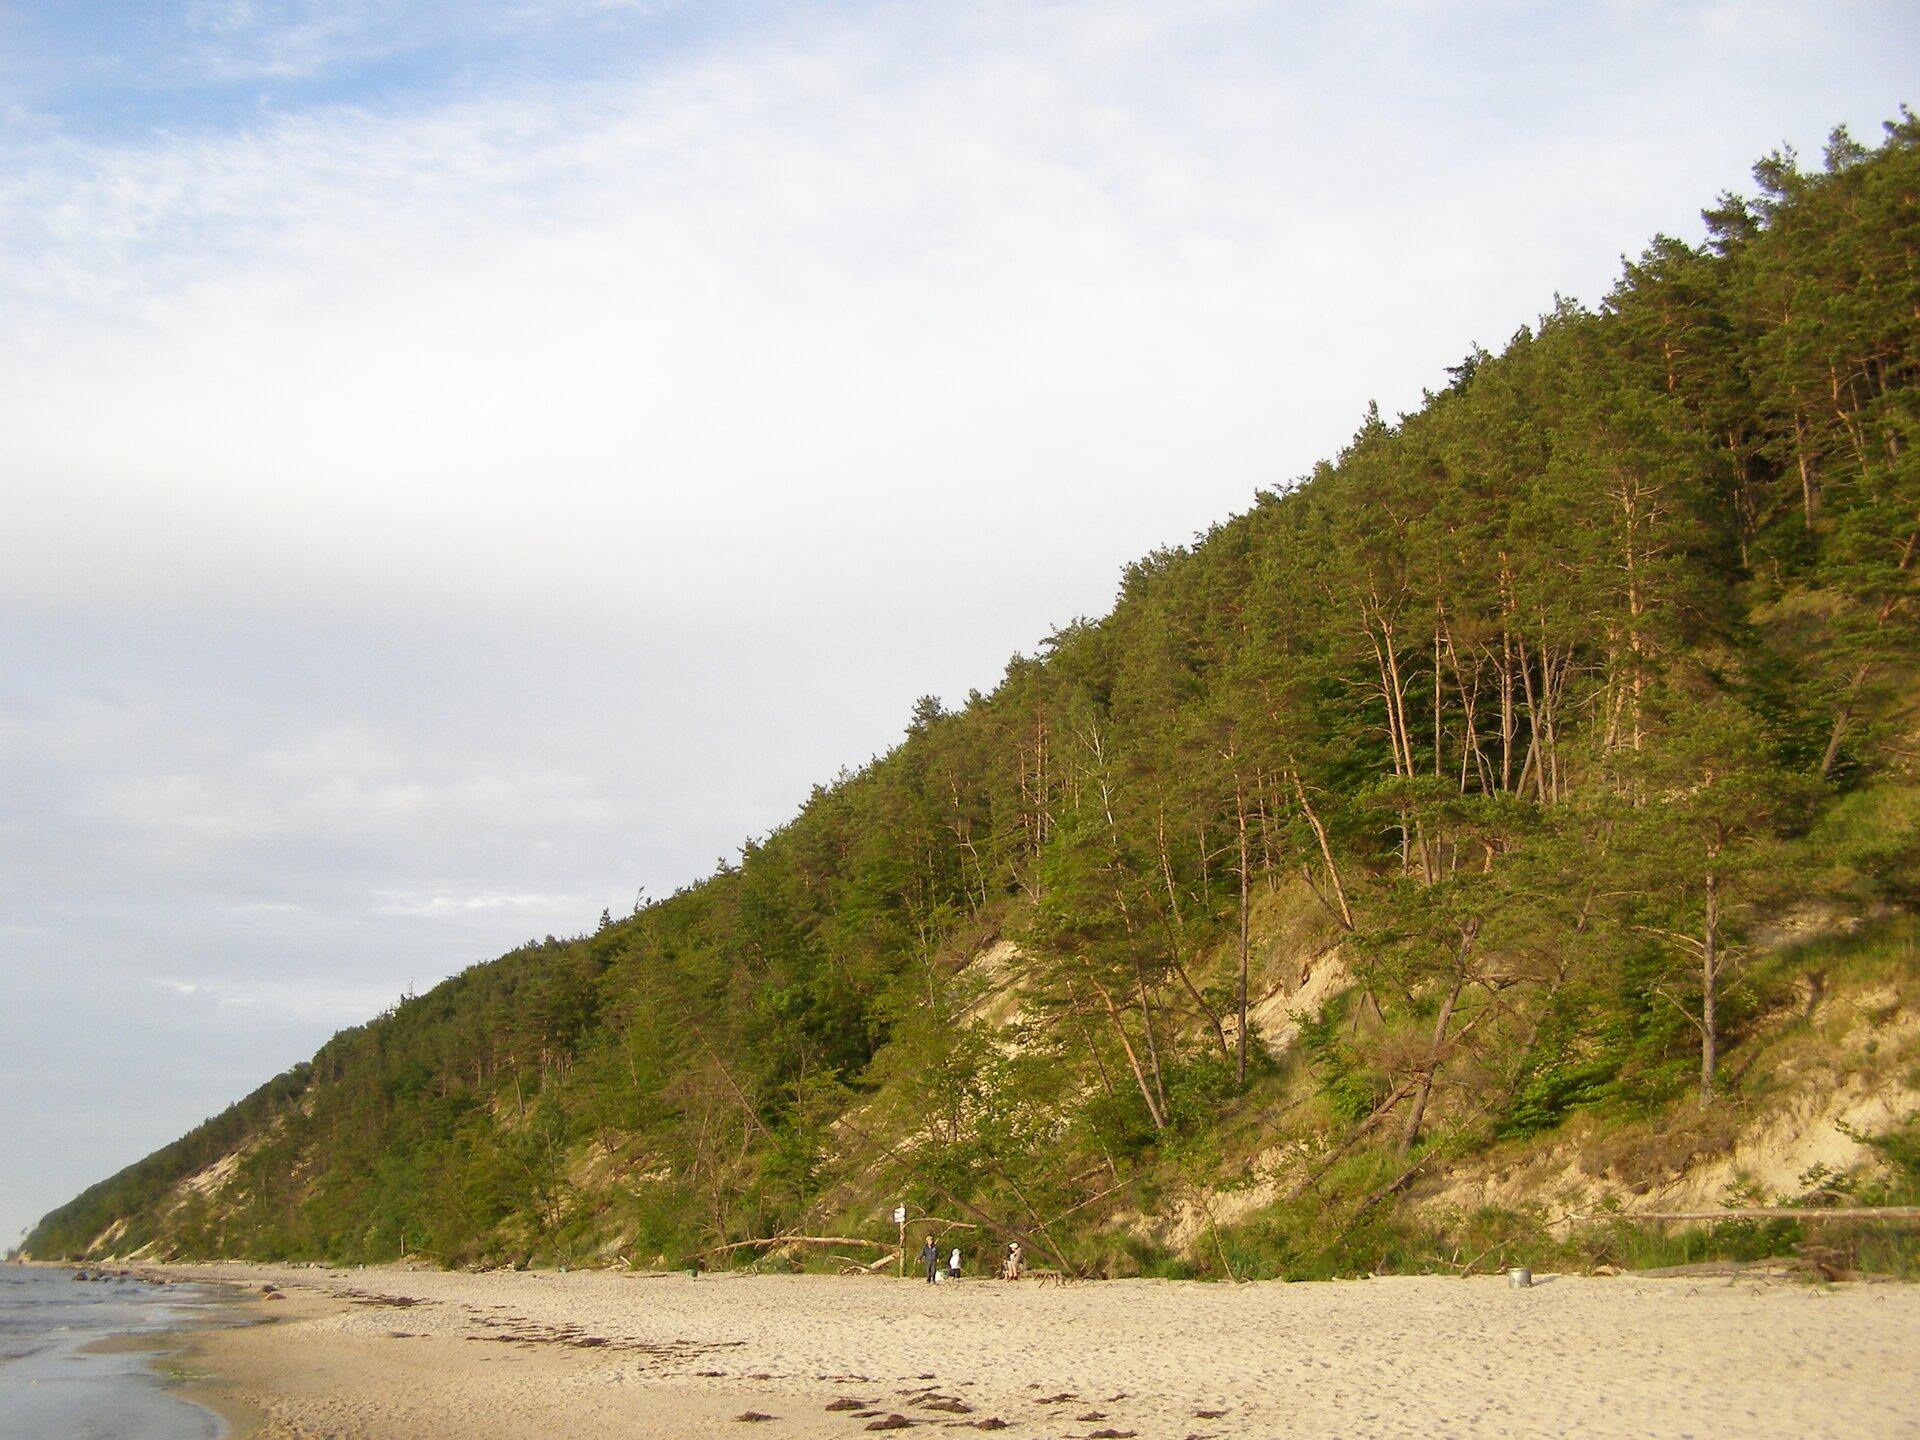 Zdjęcie przedstawia wysokie istrome klify, znajdujące się nad Bałtykiem. Klif porośnięty jest sosnami oraz inną roślinnością.